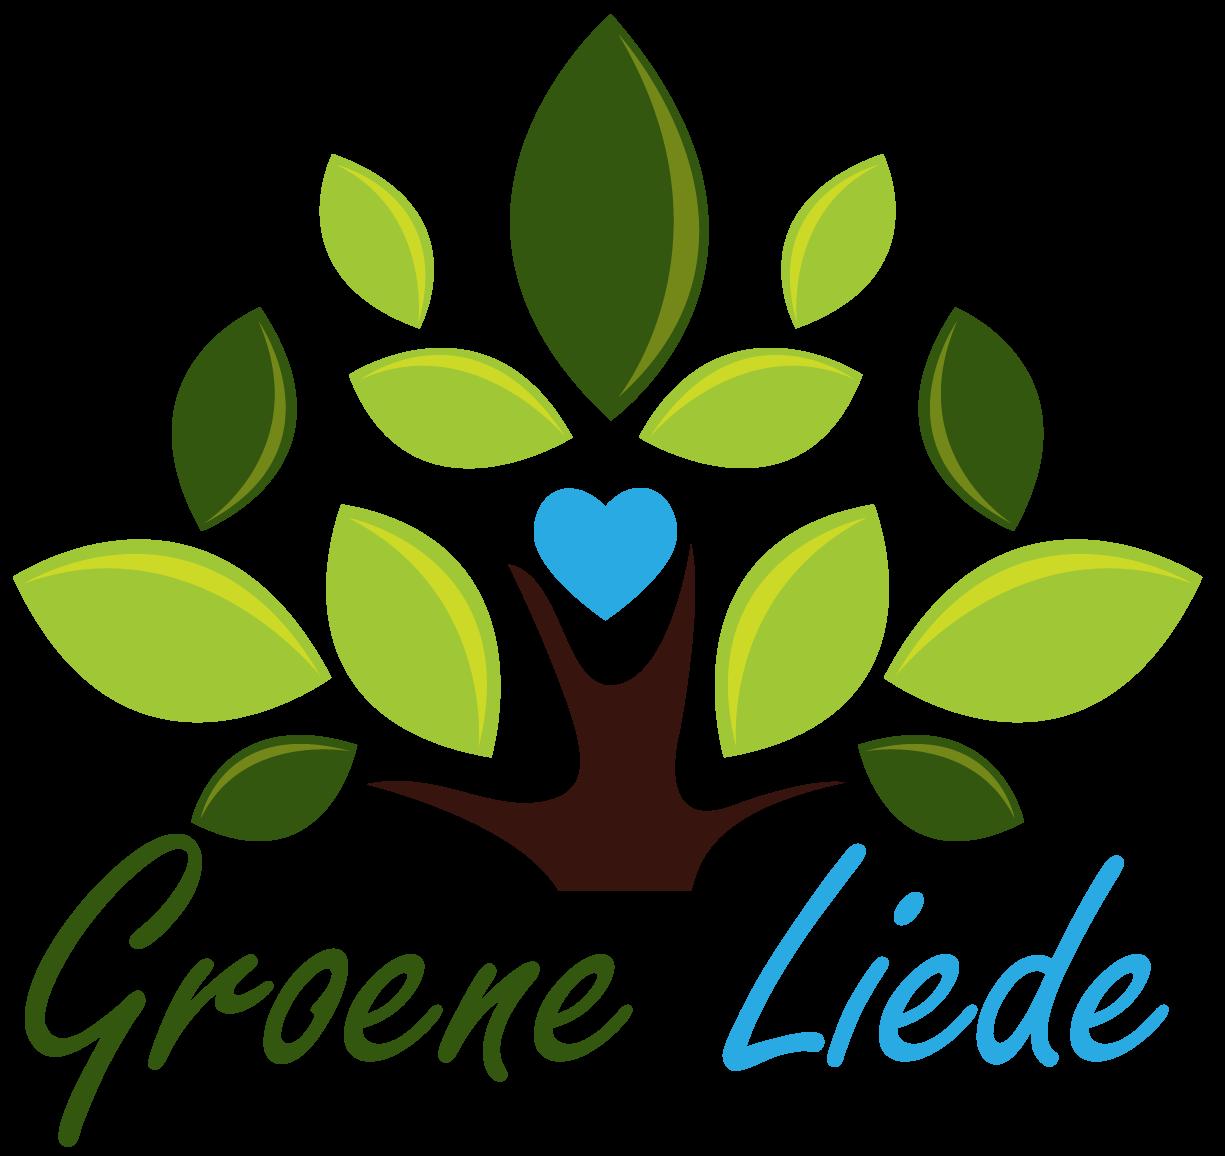 Groene Liede logo vierkant